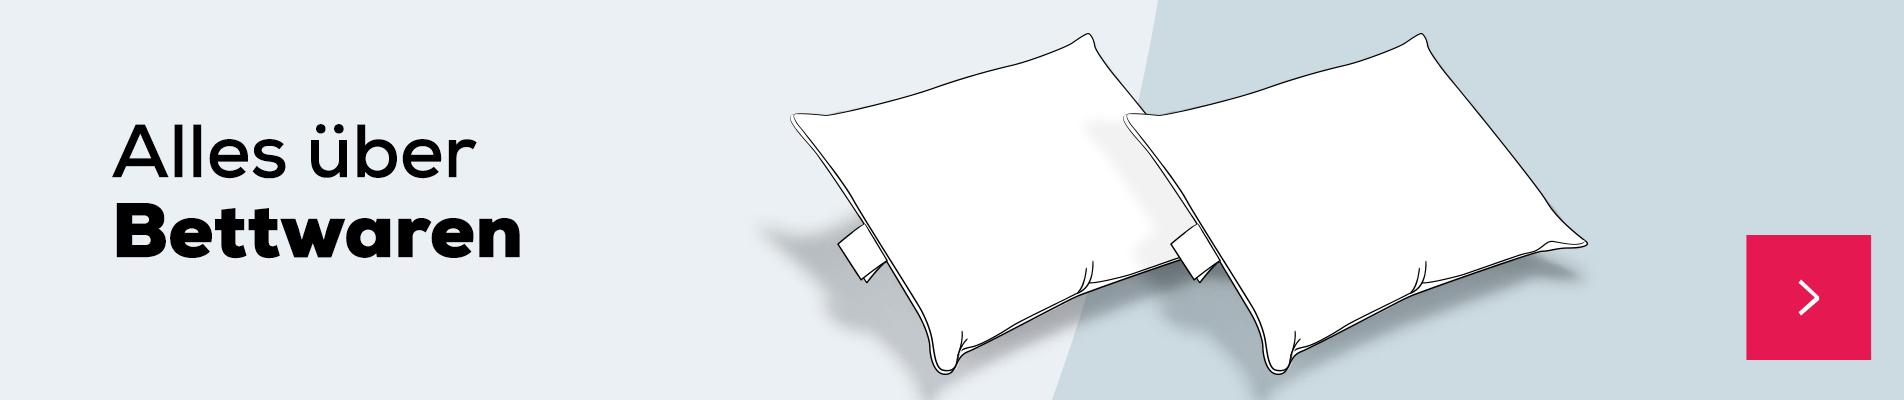 Alles über Bettwaren | Swiss Sense